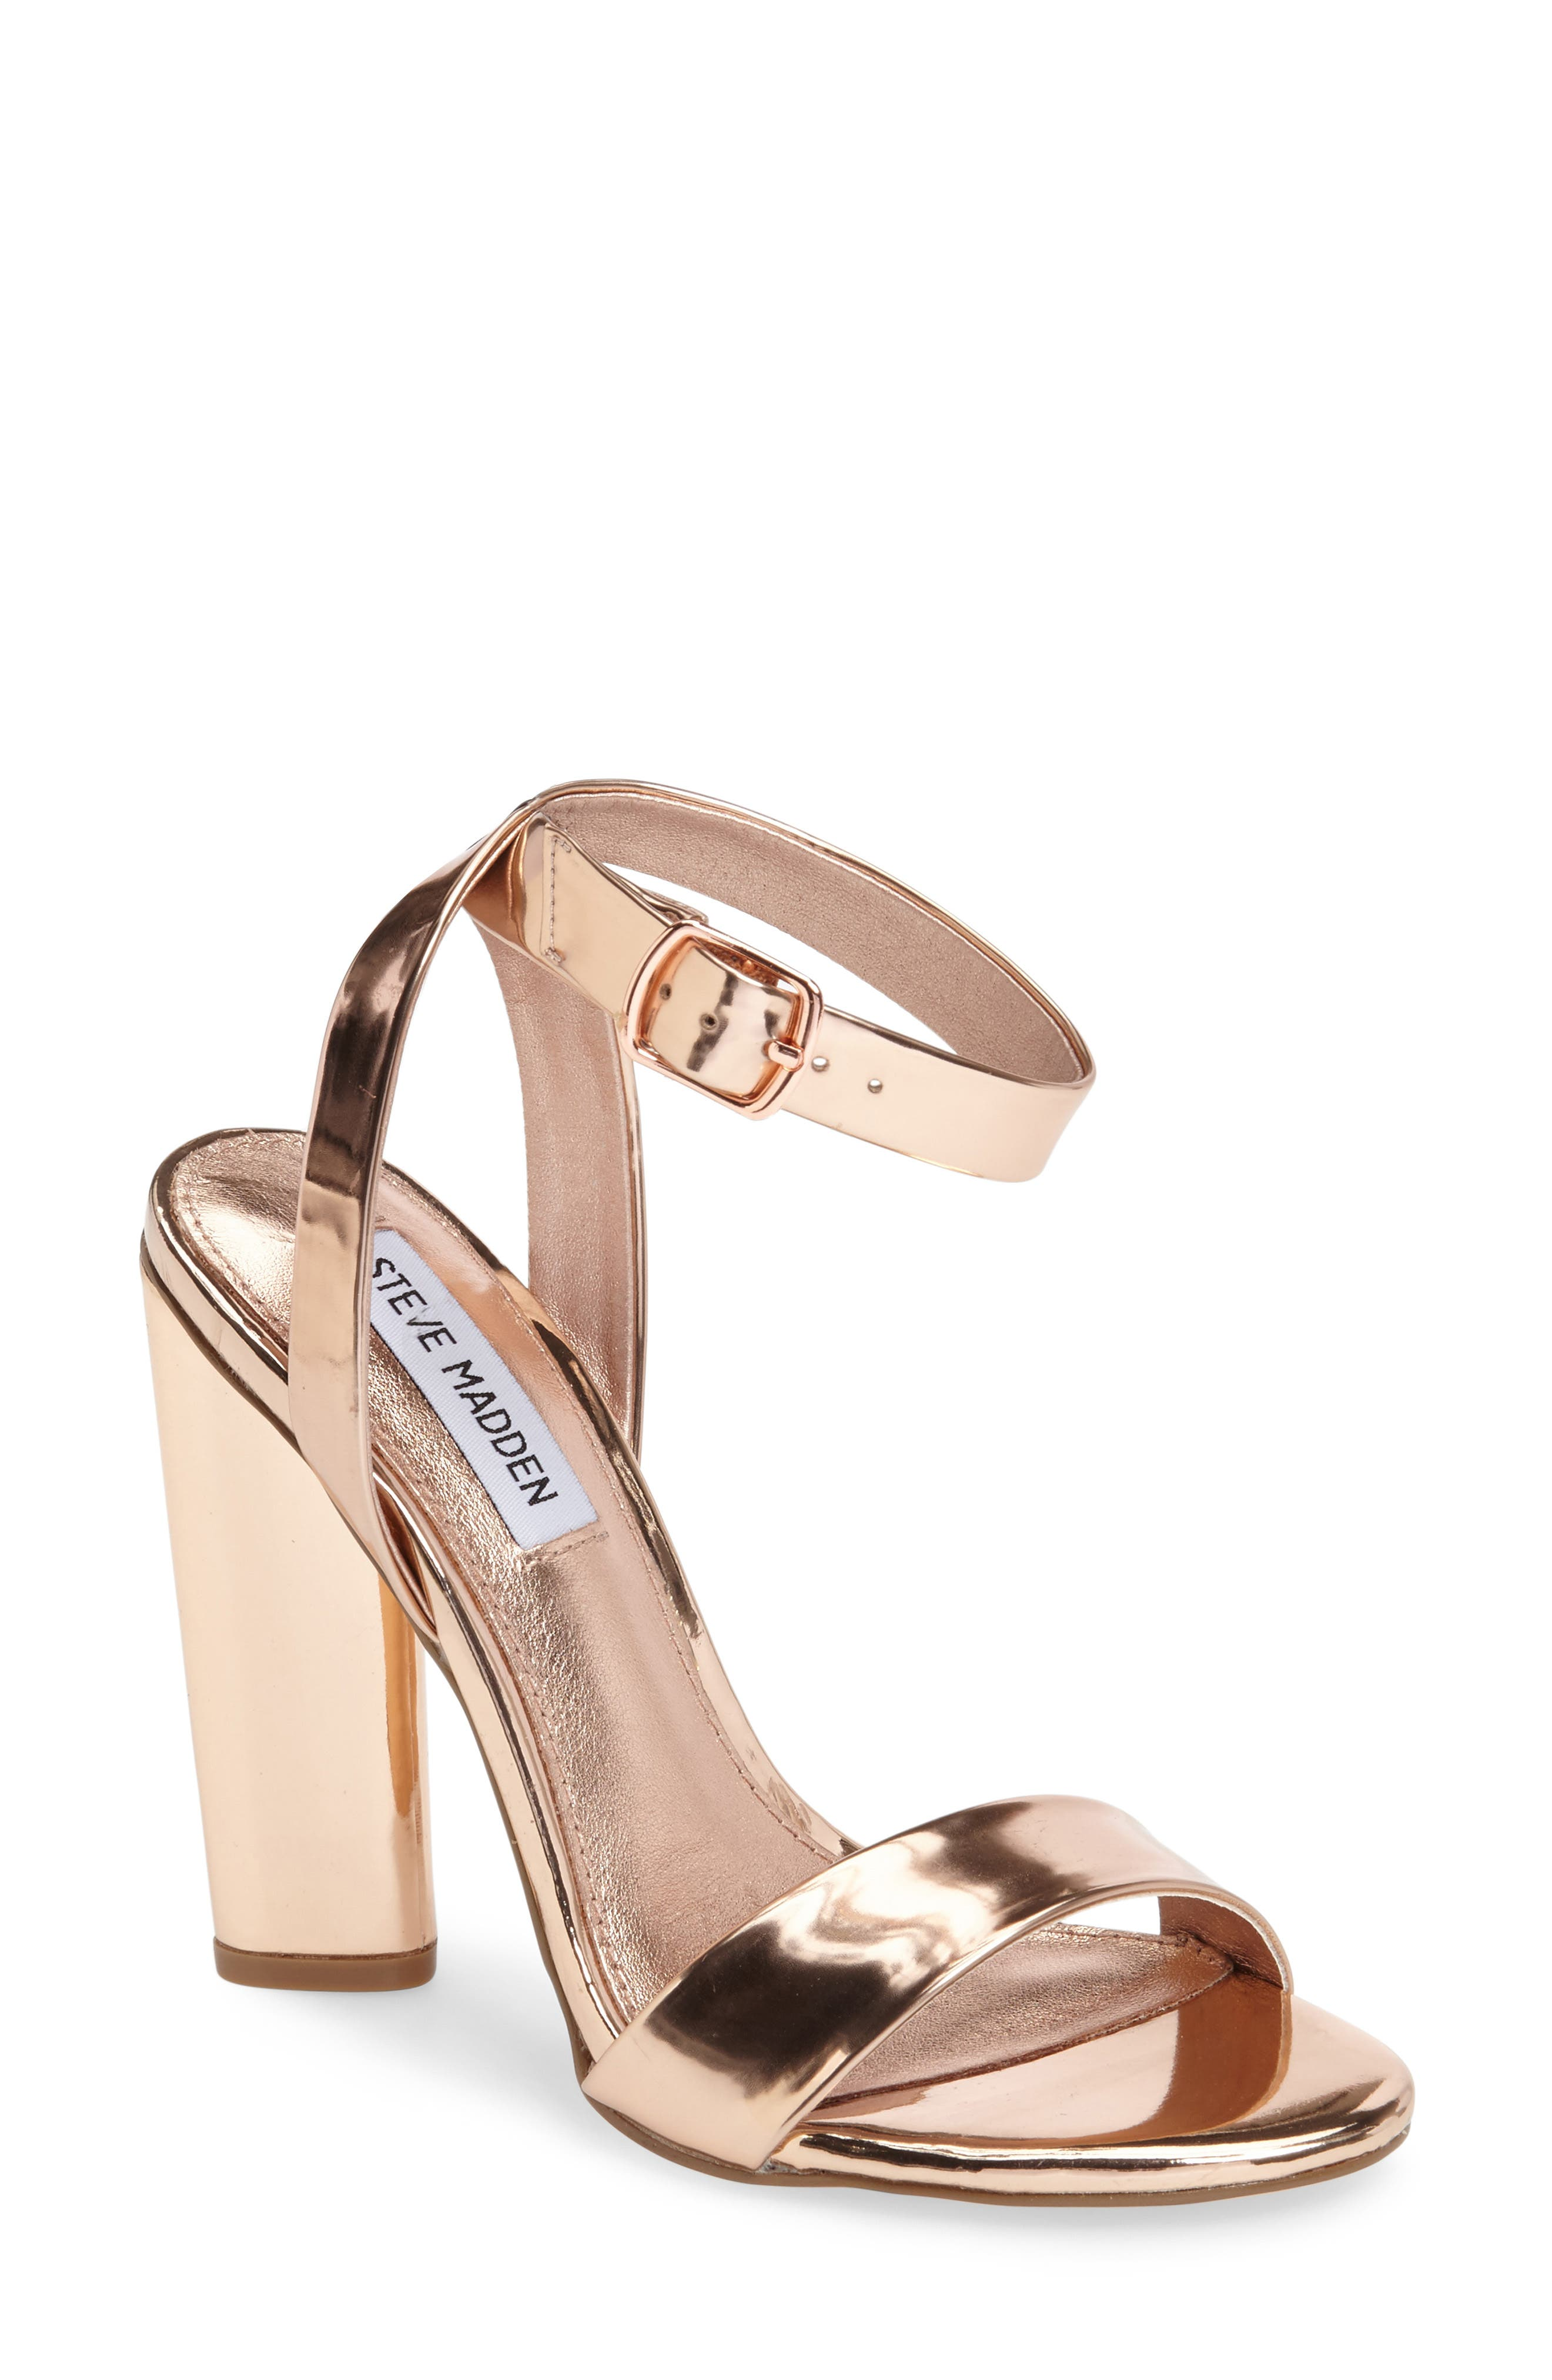 Alternate Image 1 Selected - Steve Madden Treasure Sandal (Women)